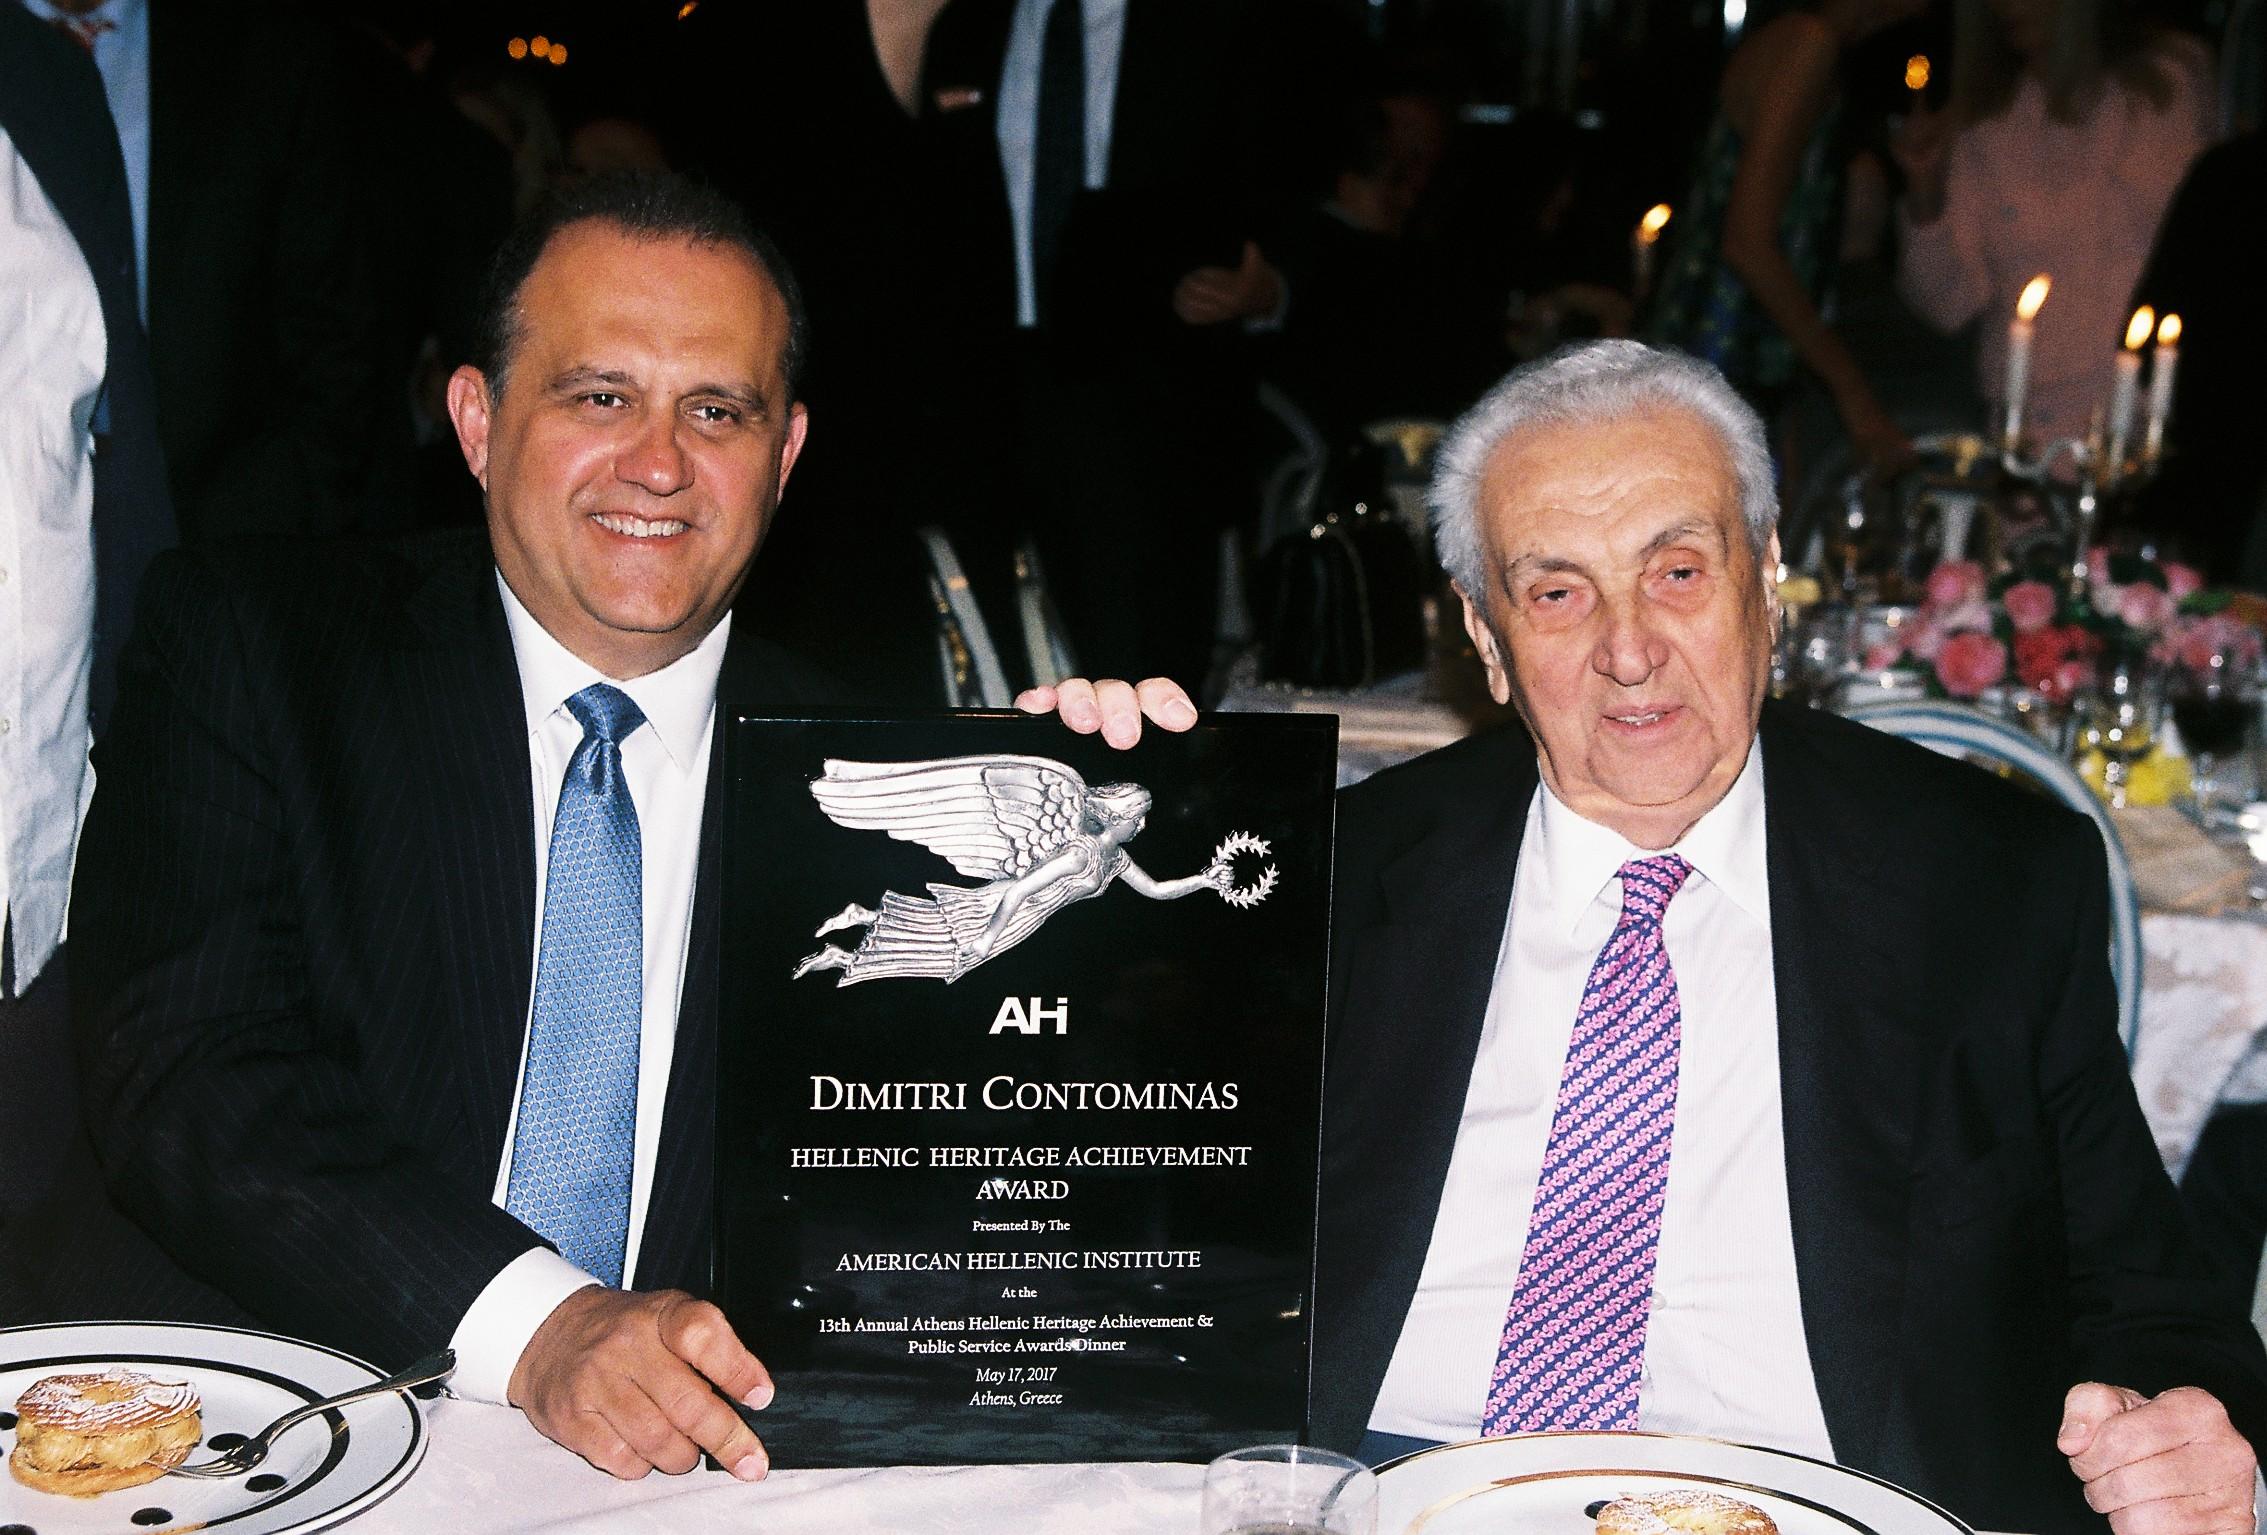 Nick Larigakis and Dimitri Contominas